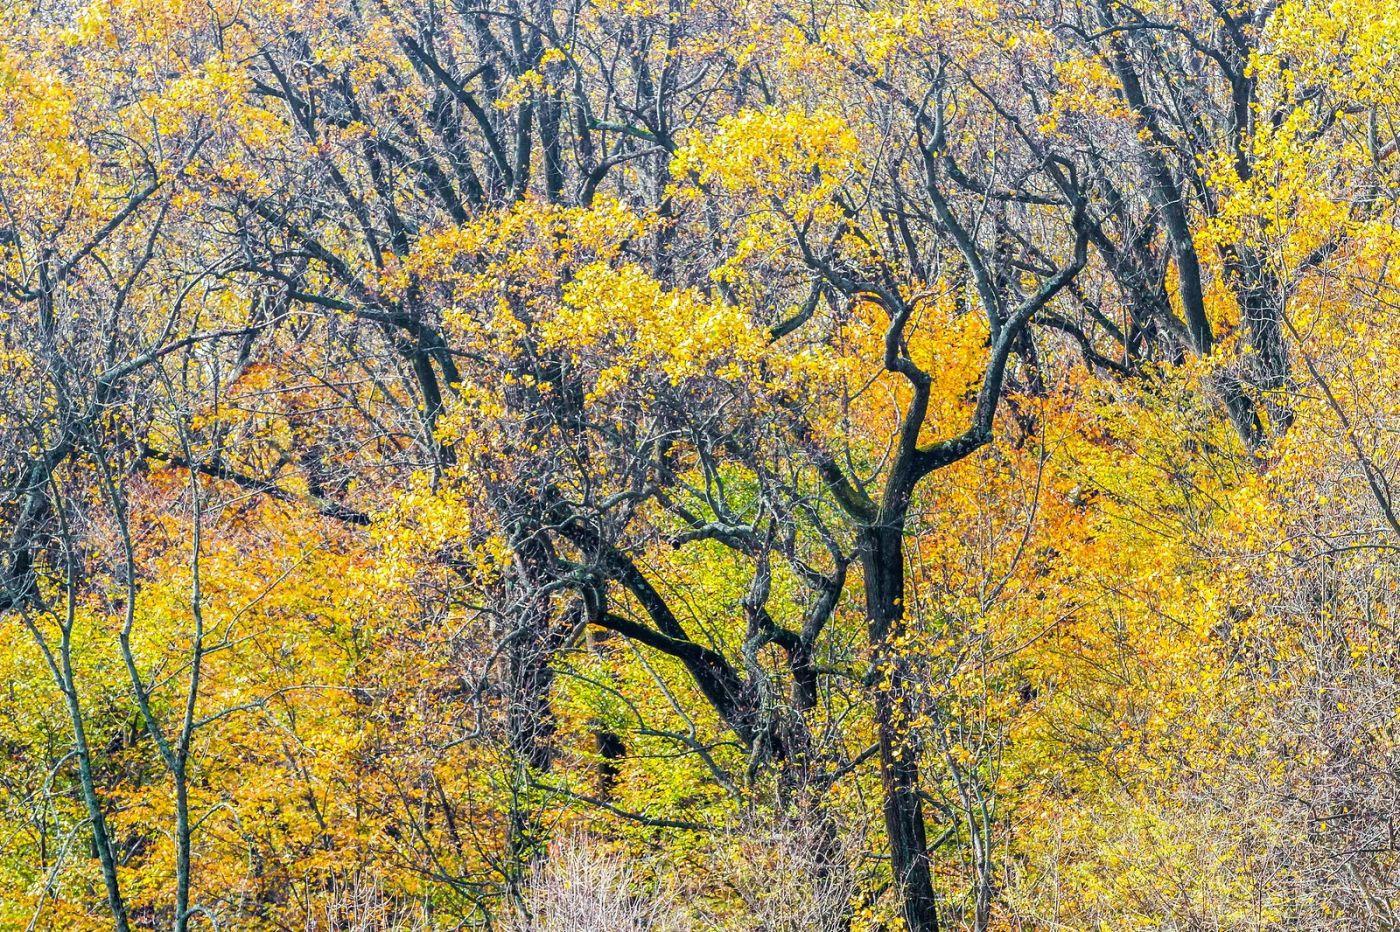 宾州长木公园,秋意浓浓_图1-36